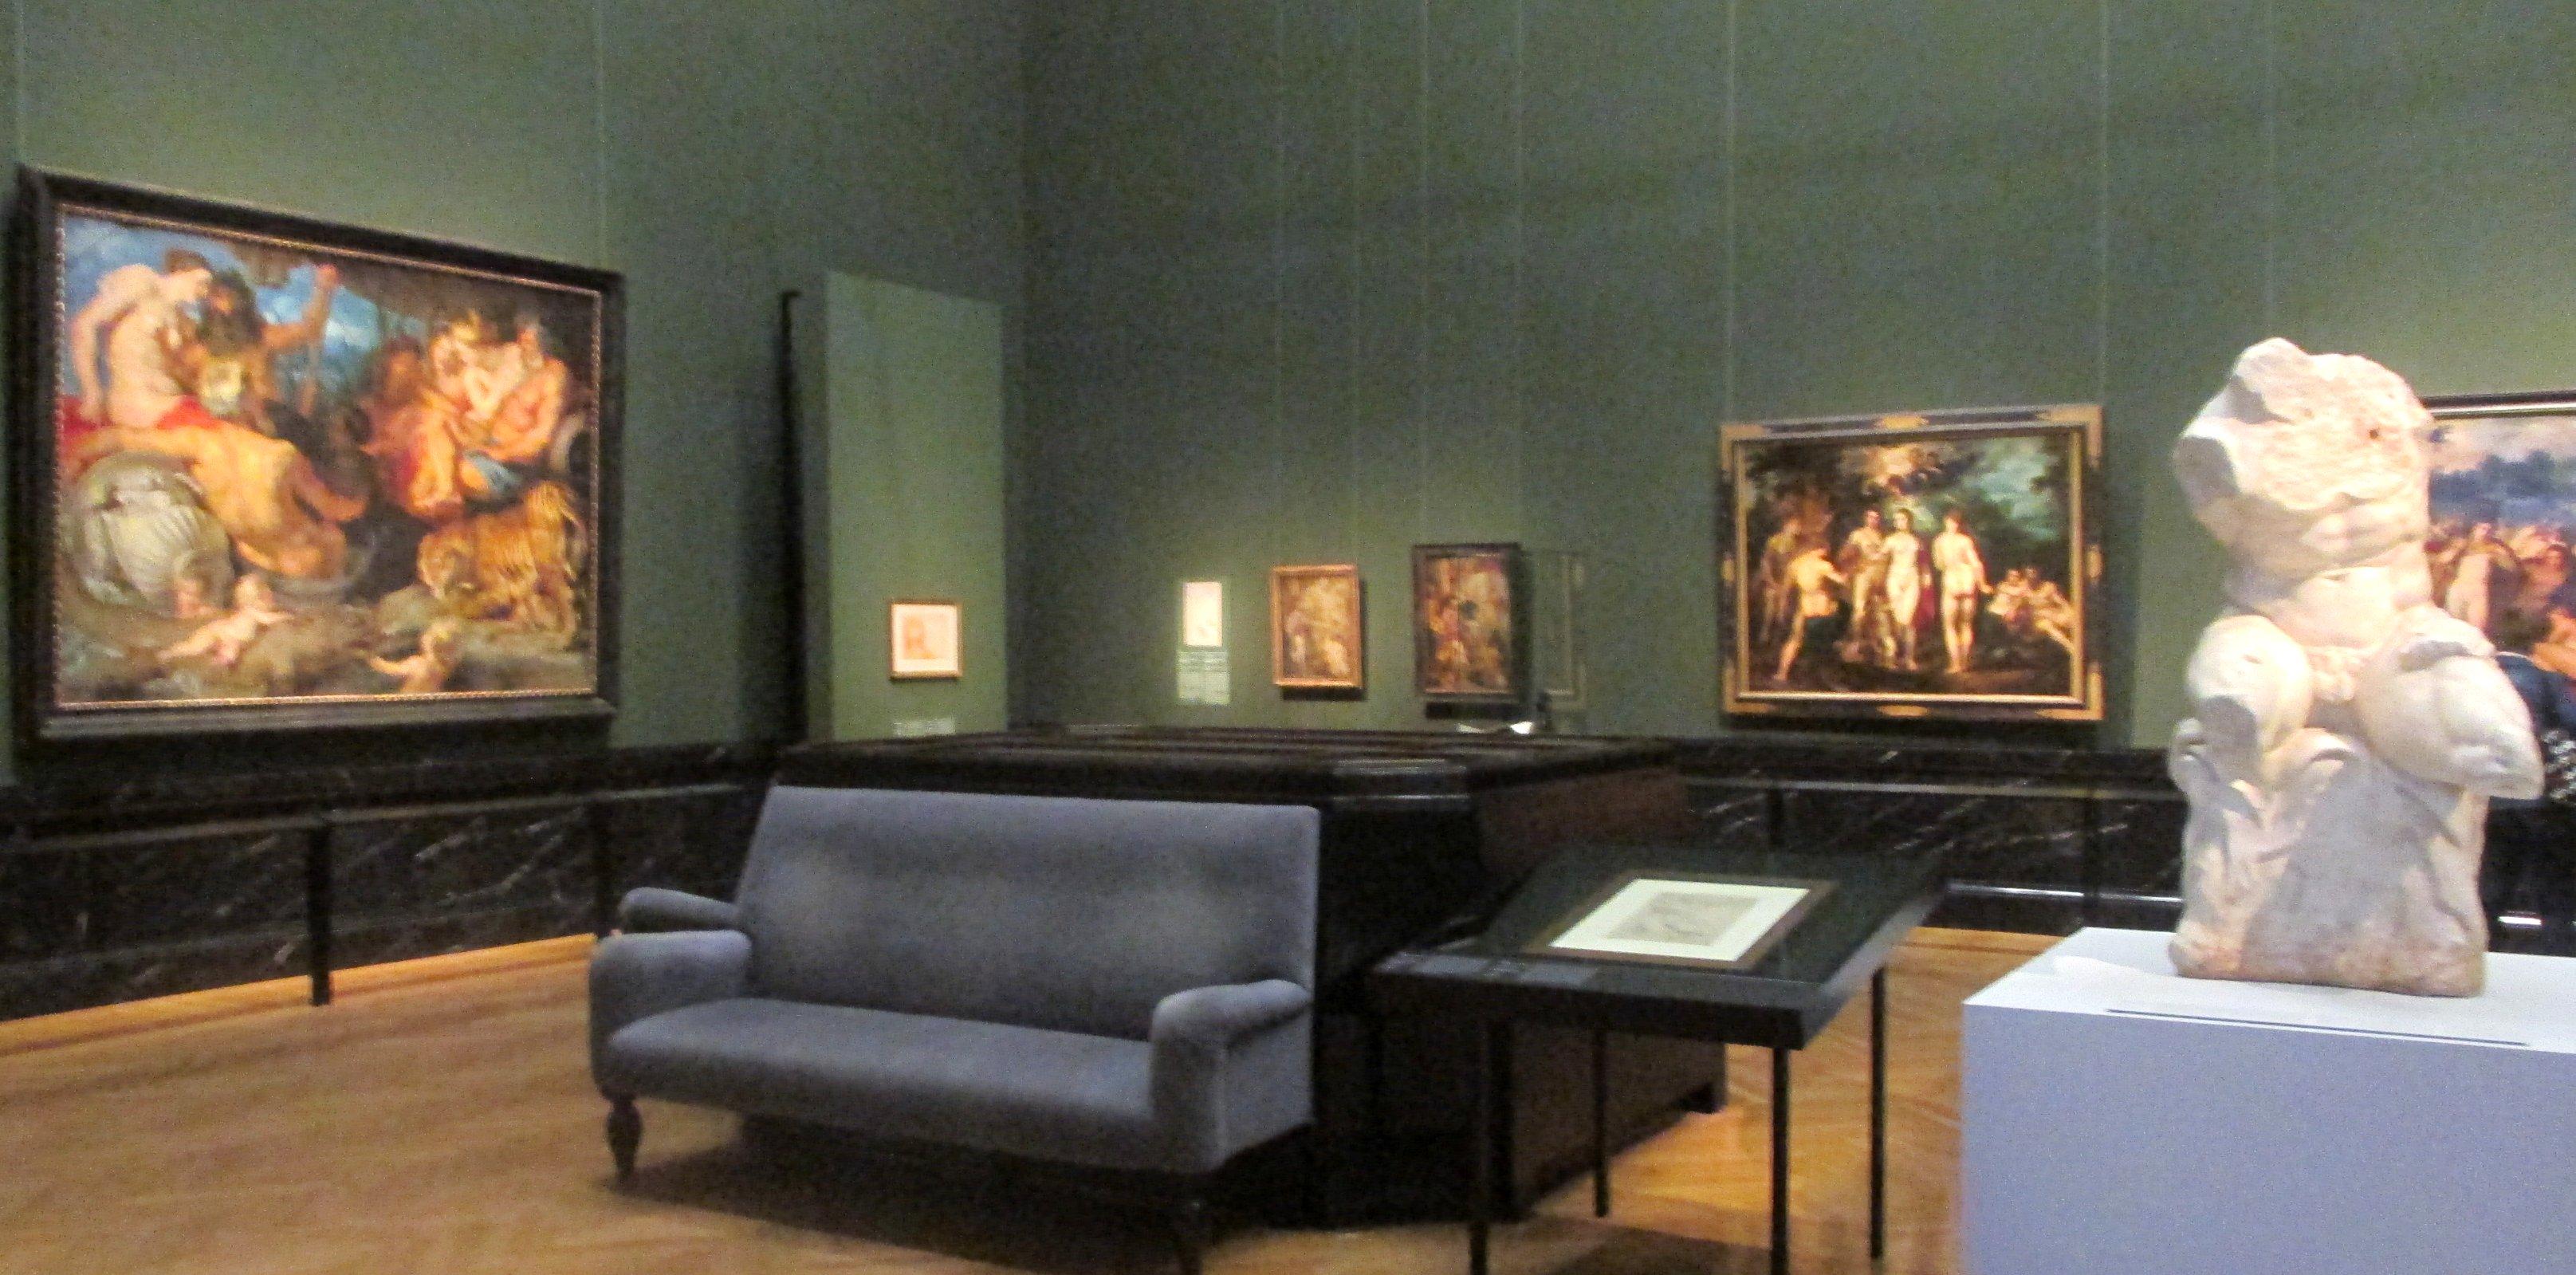 Raum mit 4 Flüsse und Skulptur